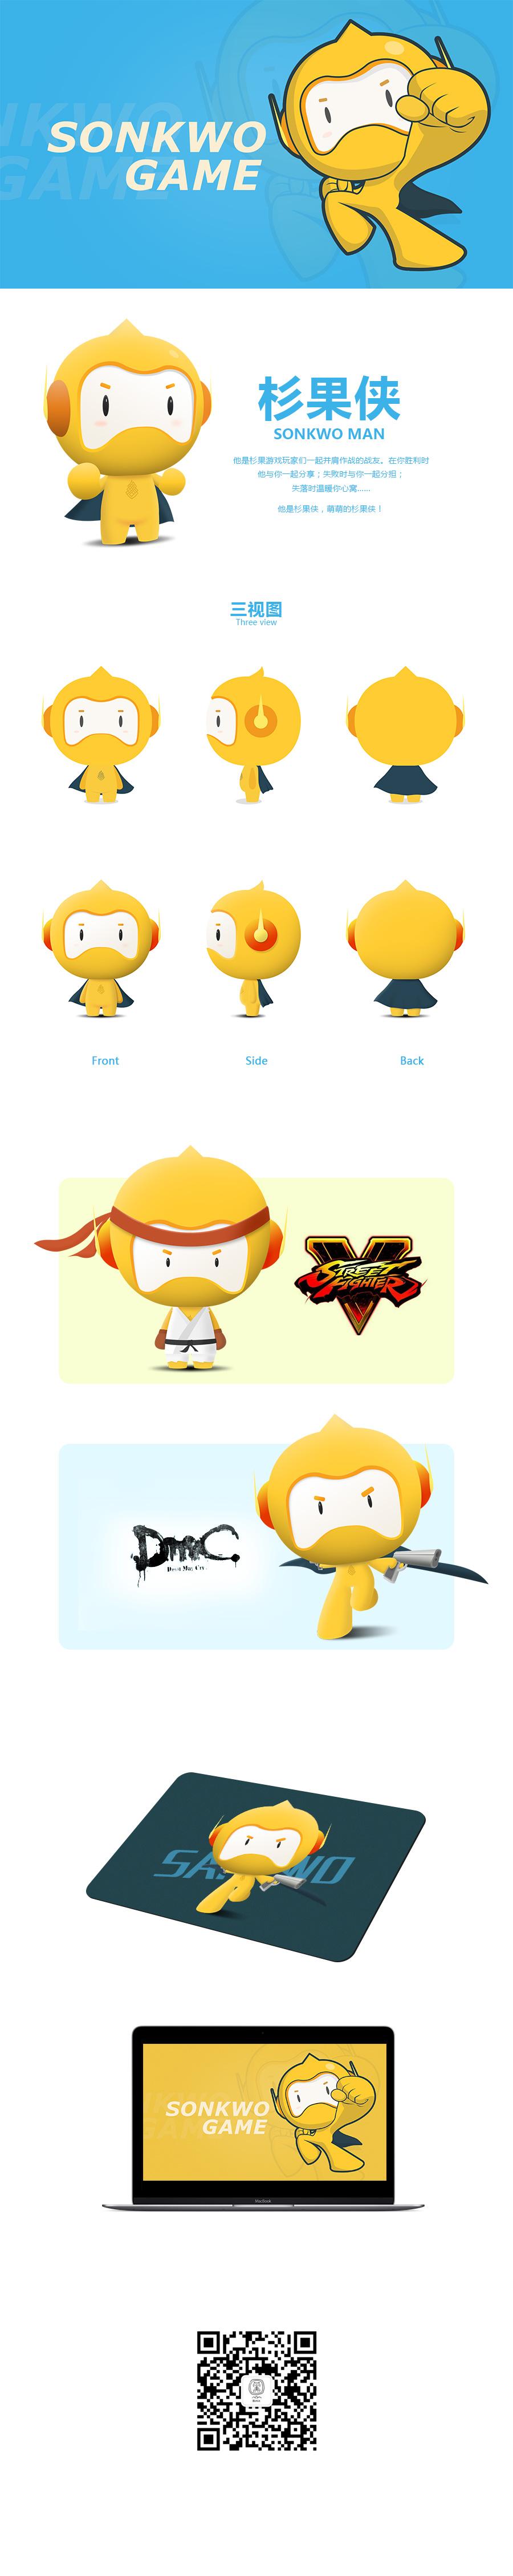 杉果游戏吉祥物设计